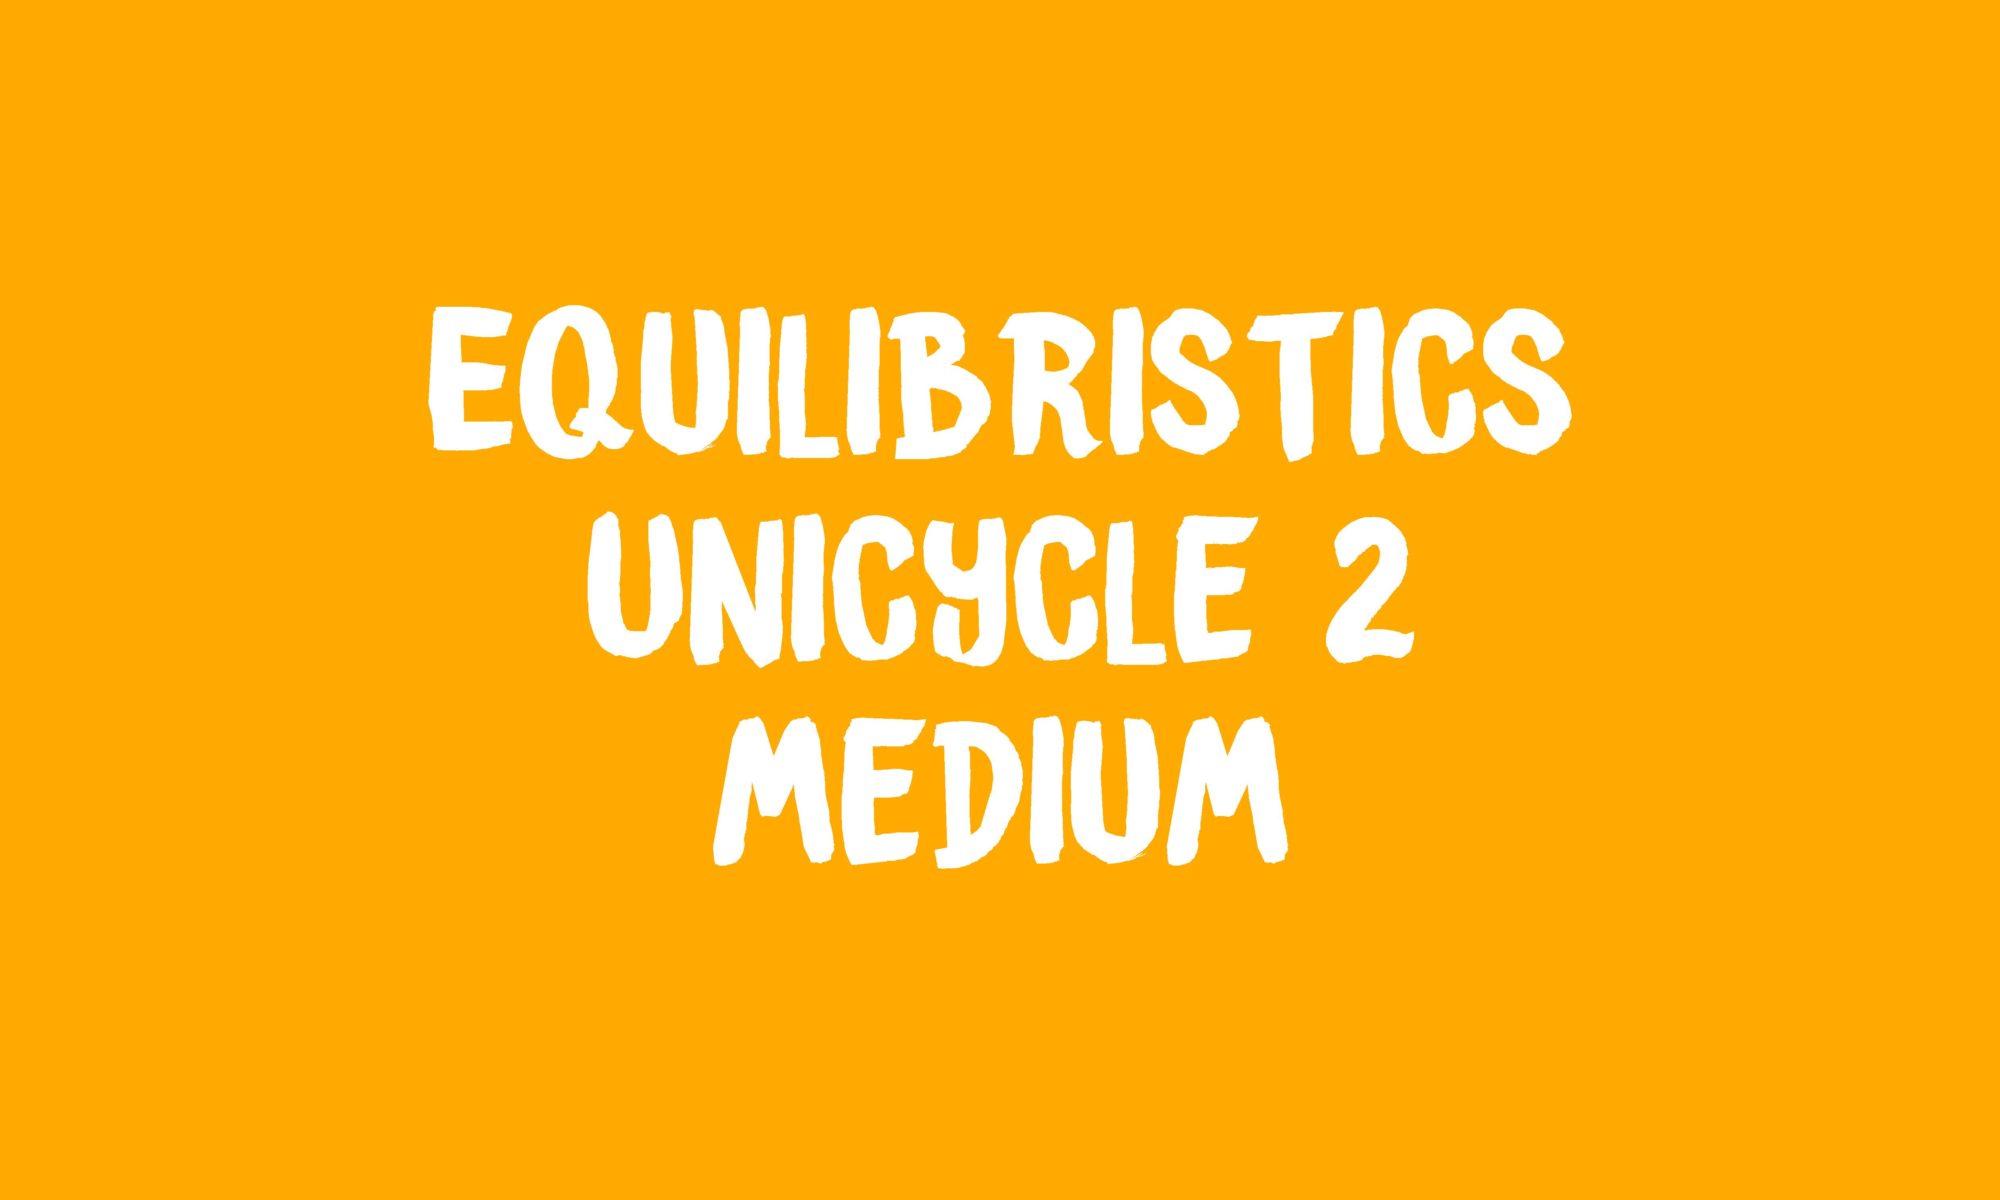 Unicycle 2 banner